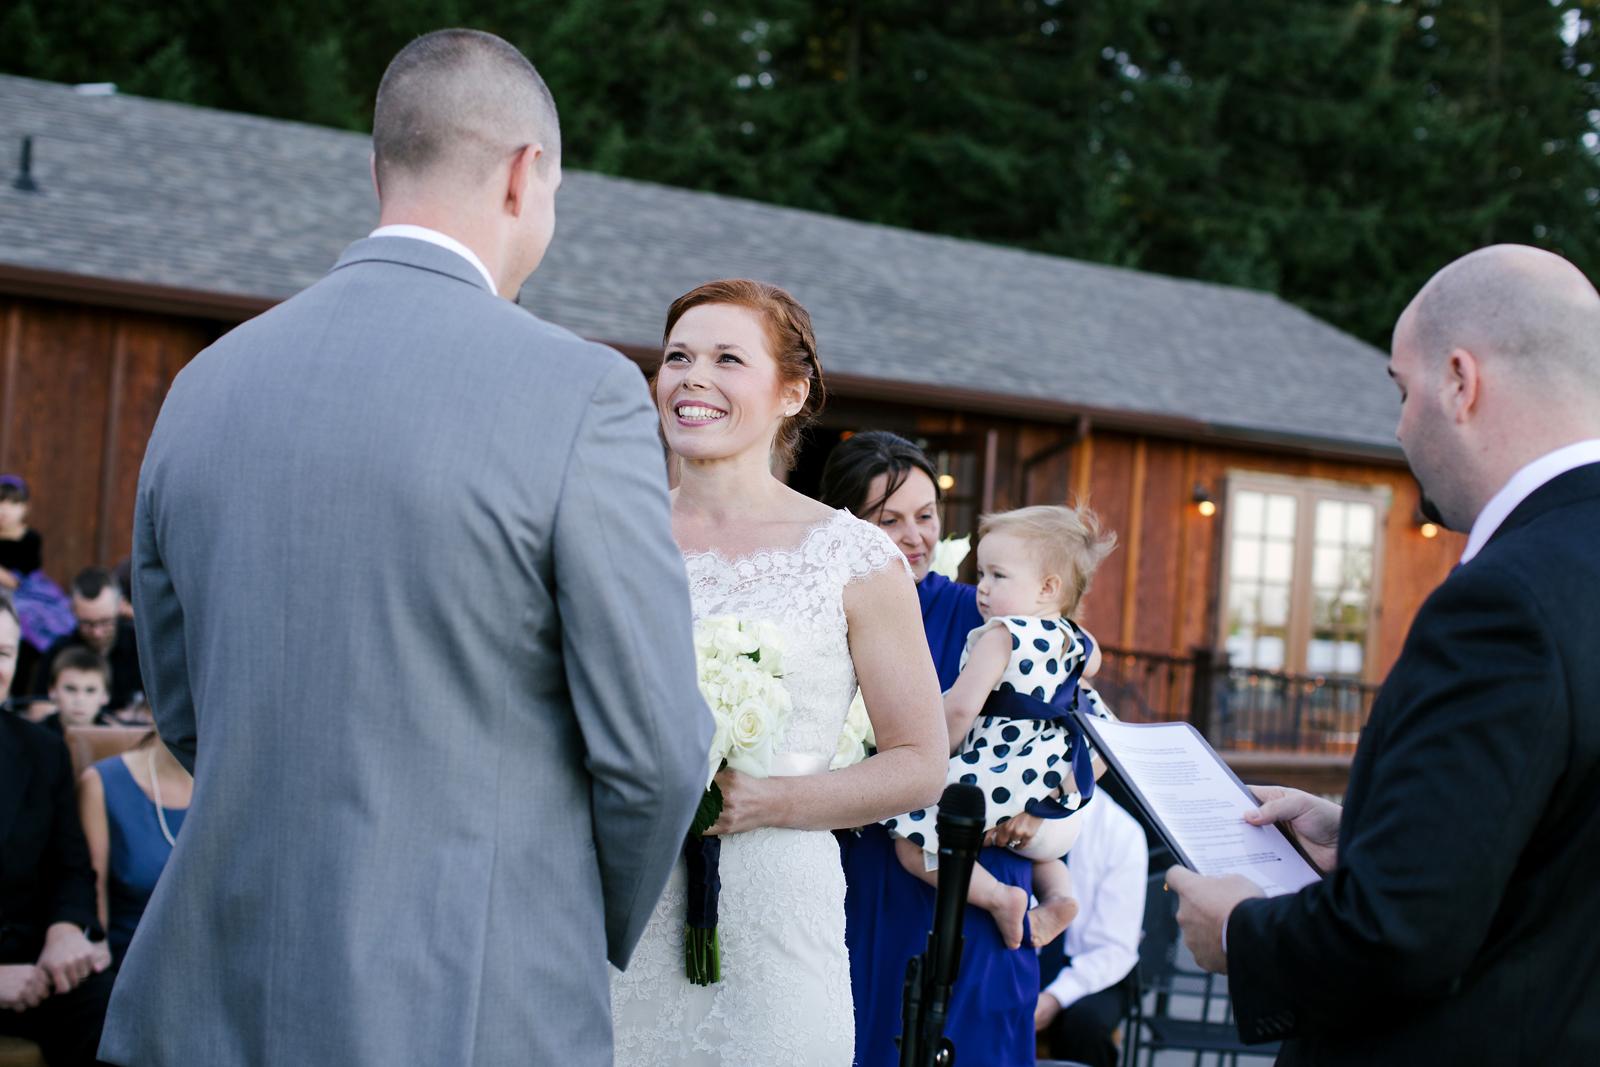 031-daronjackson-rich-wedding.jpg